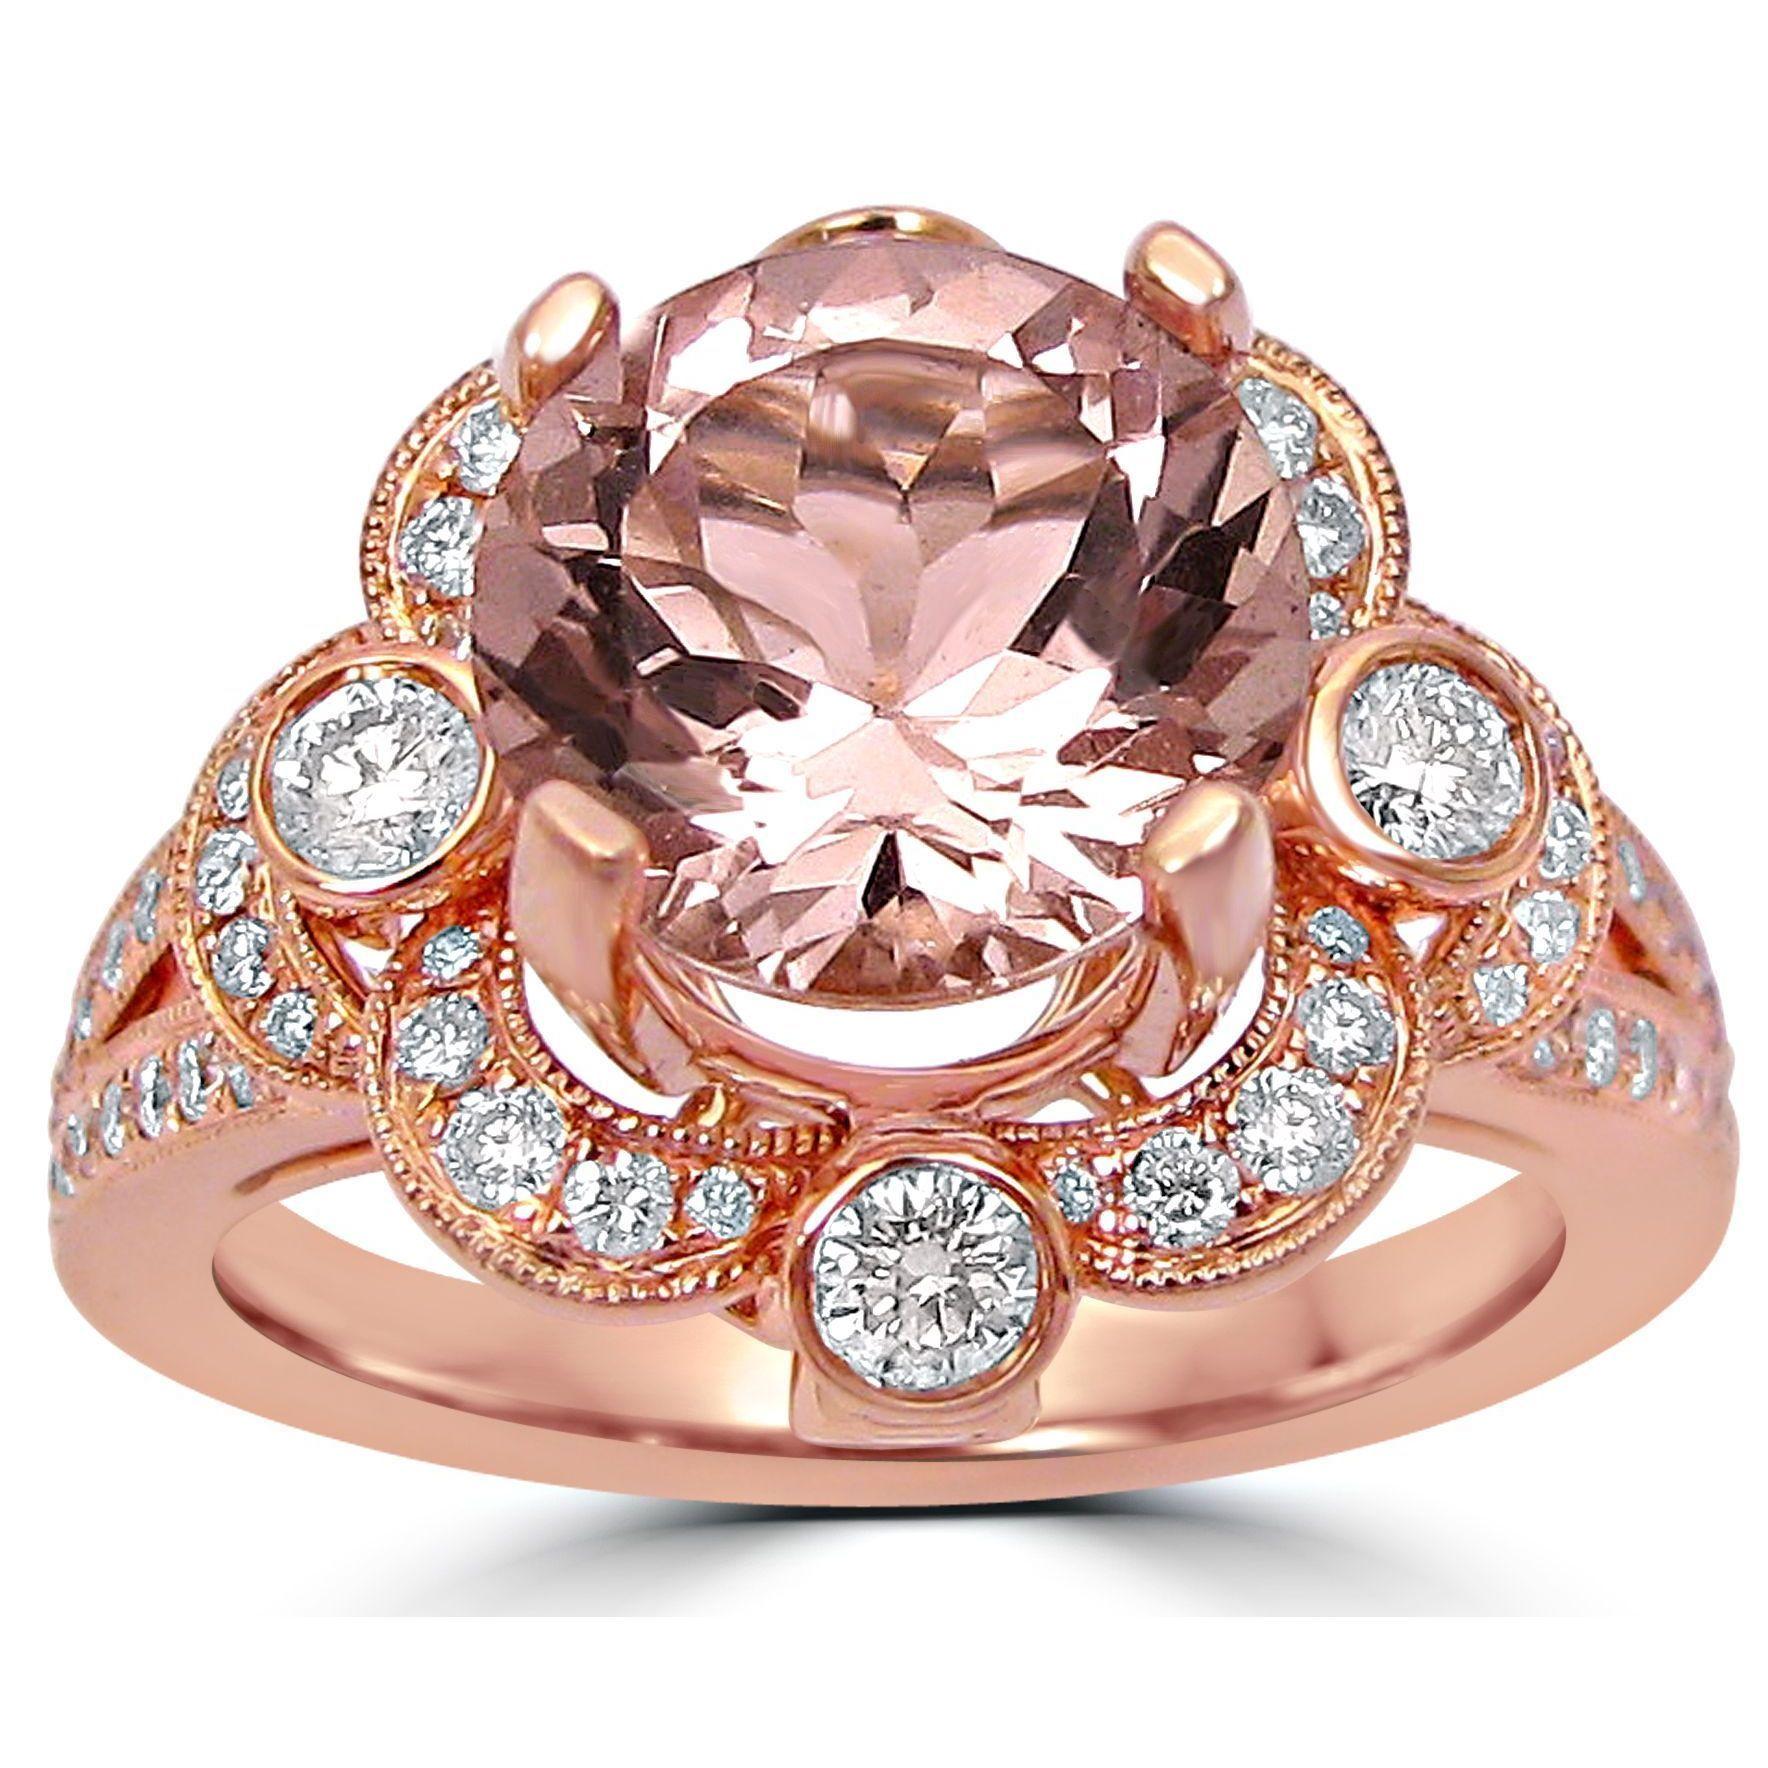 2 4/5 ct TGW Round Diamond Engagement Ring